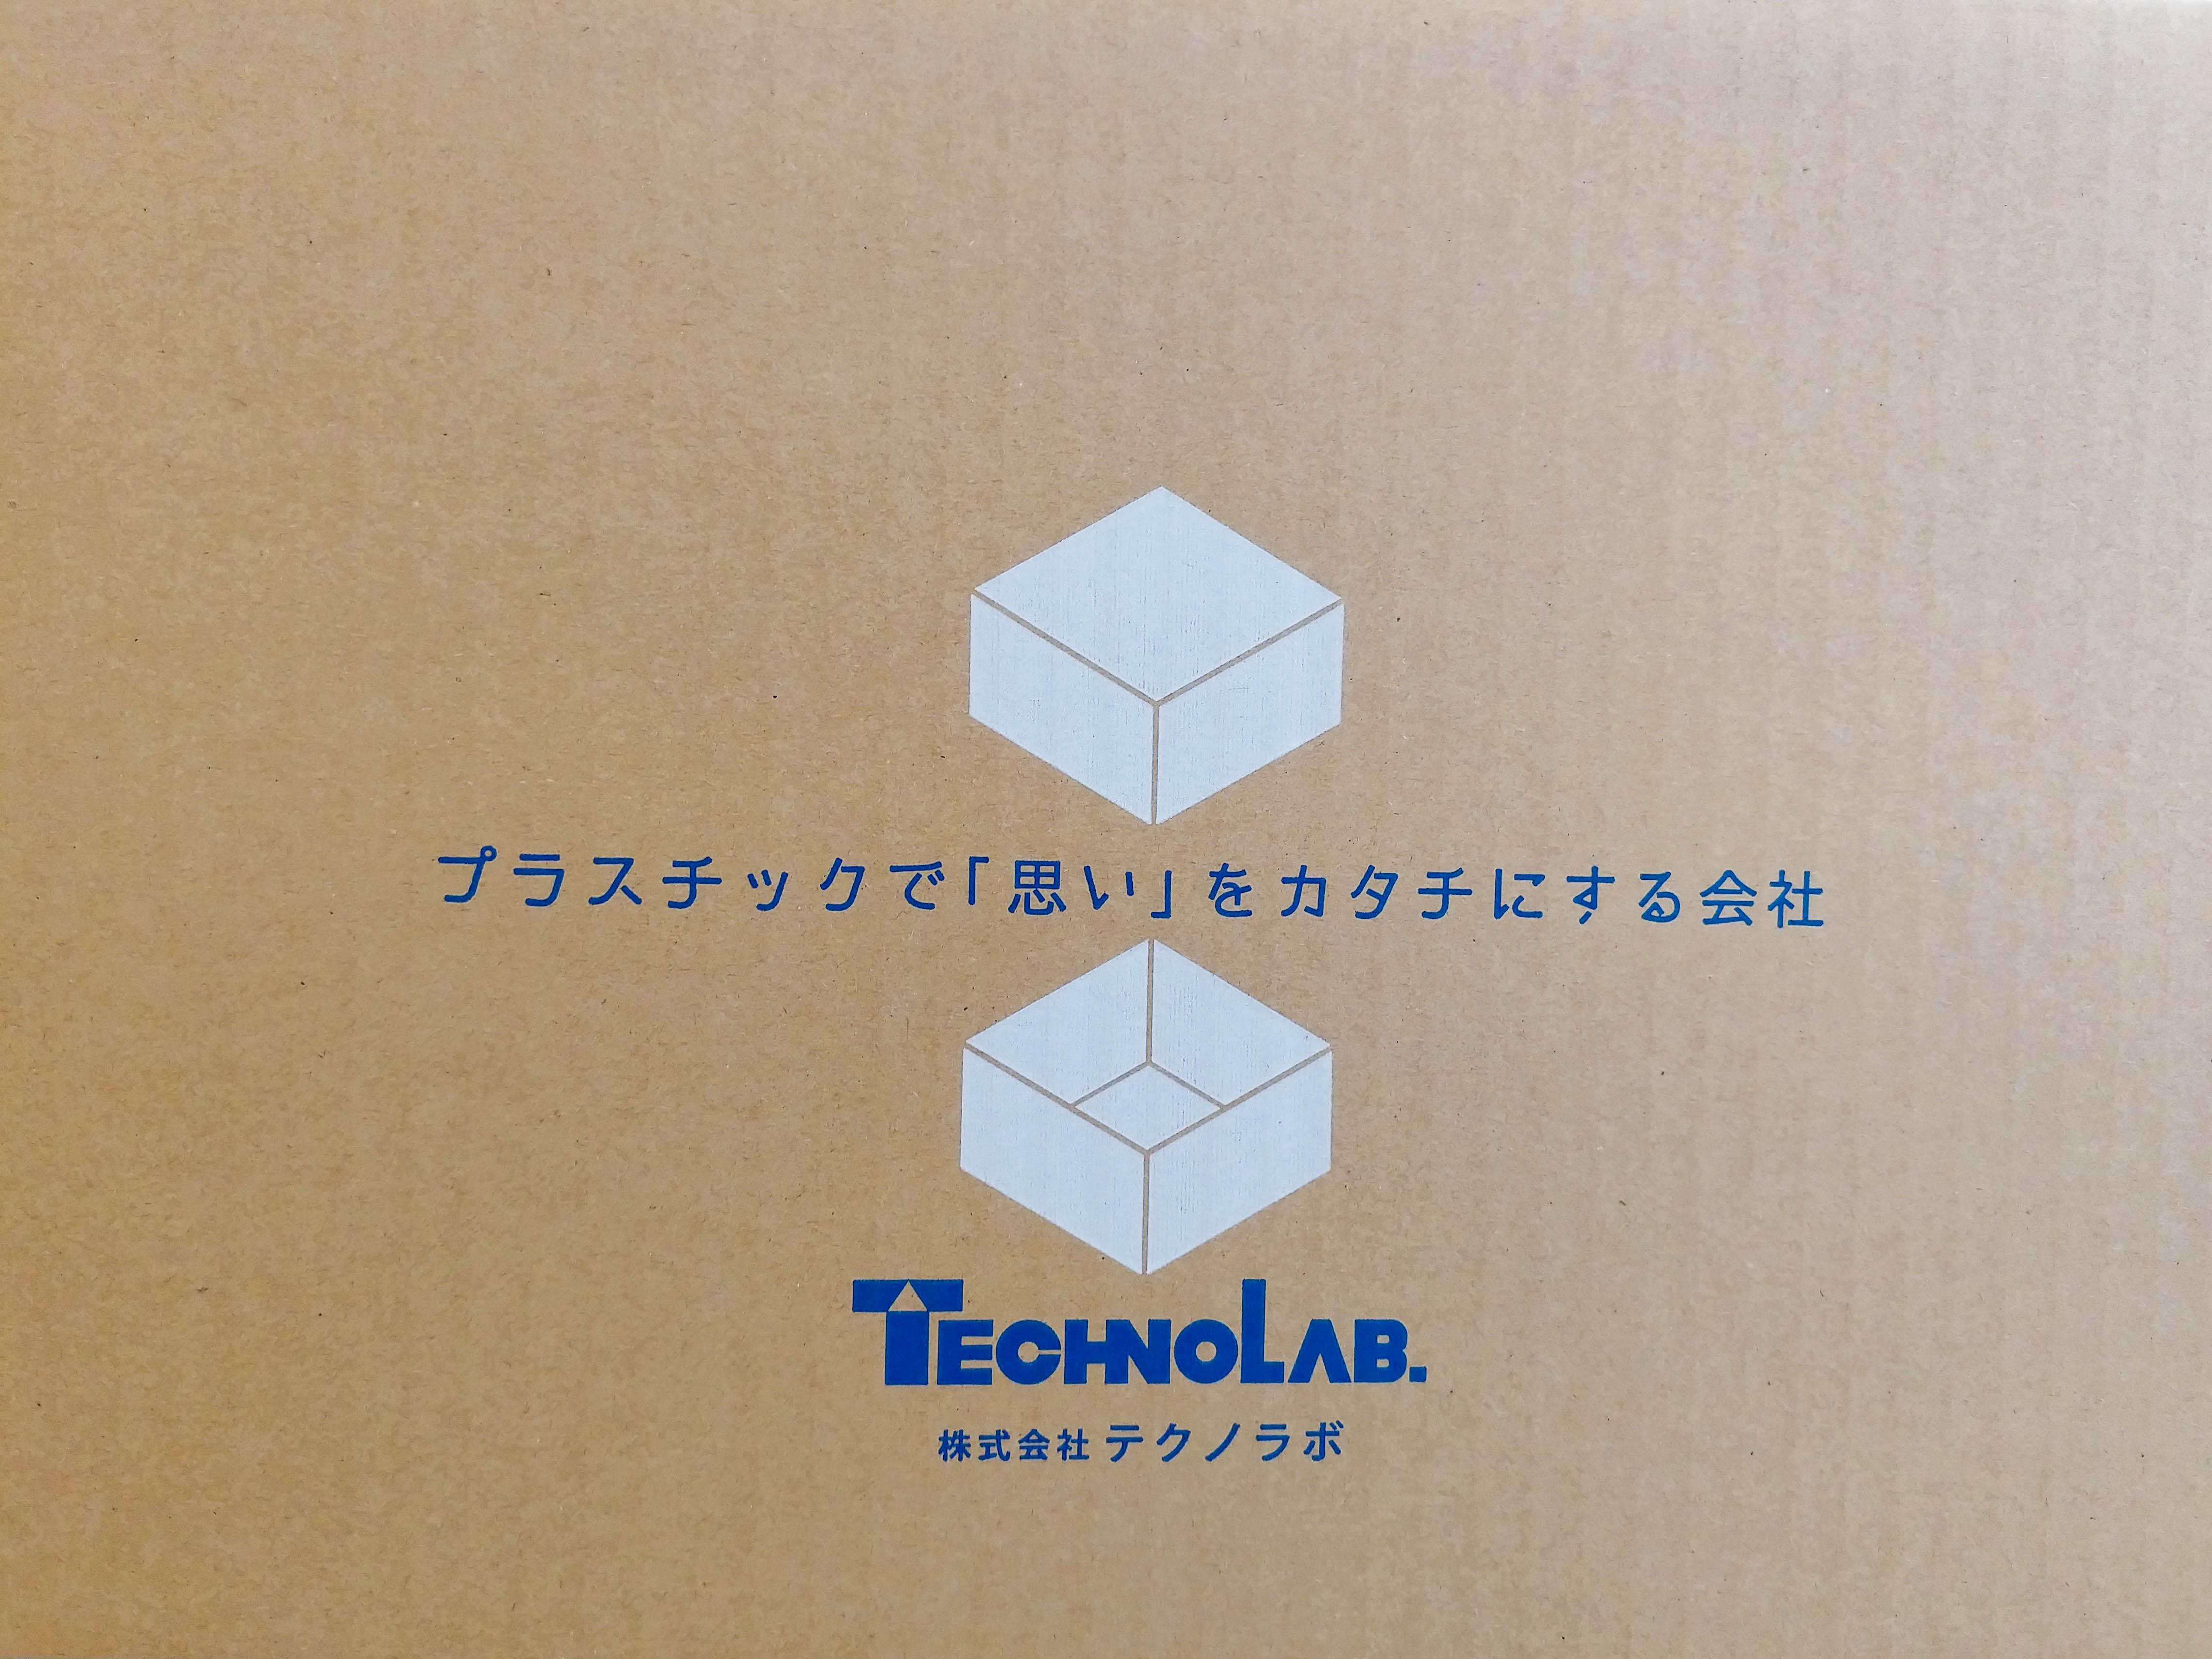 プラスチックで「思い」をカタチにする会社と書かれているダンボール